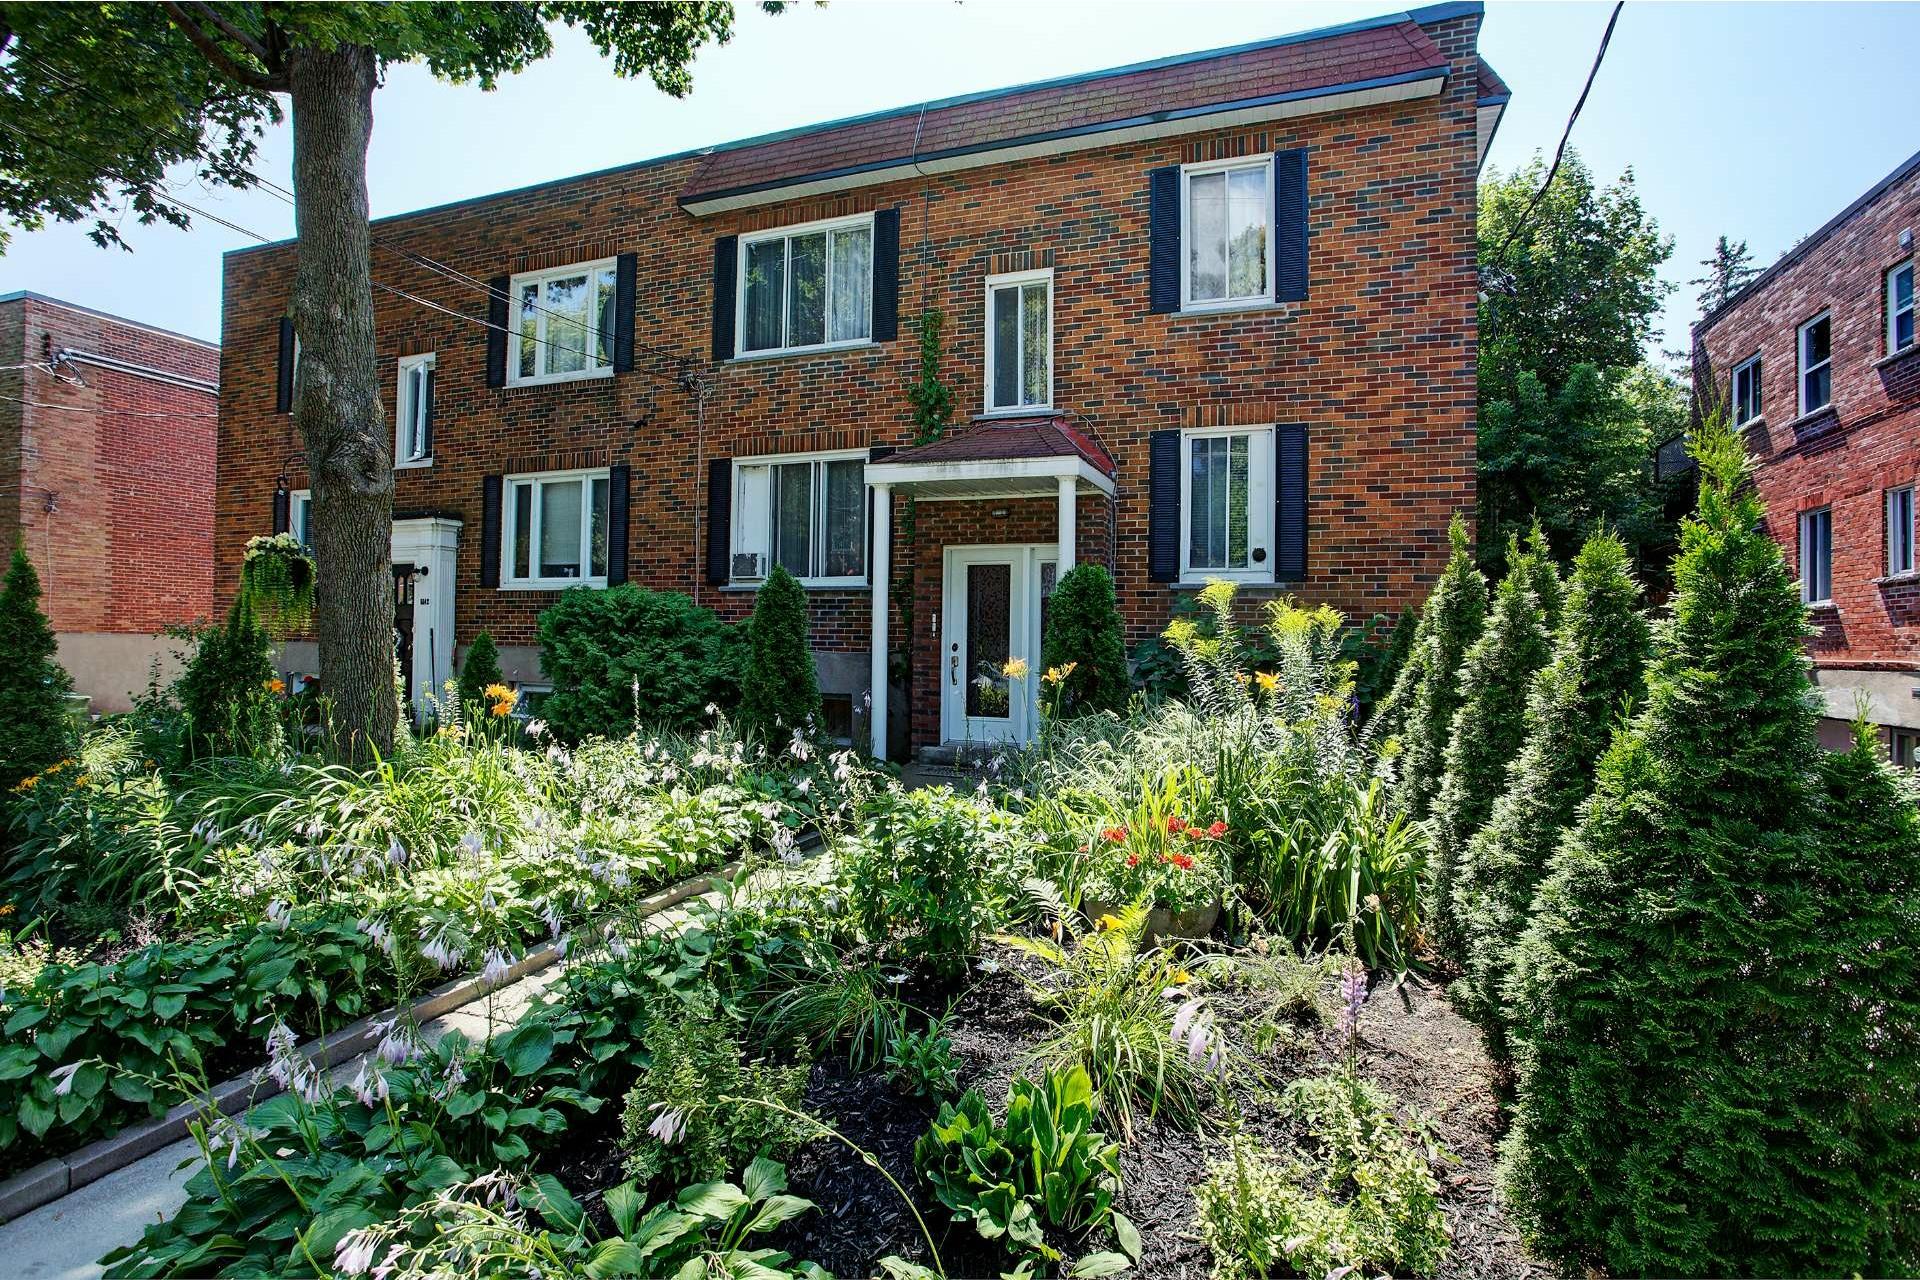 image 15 - Duplex En venta Montréal Côte-des-Neiges/Notre-Dame-de-Grâce  - 5 habitaciones